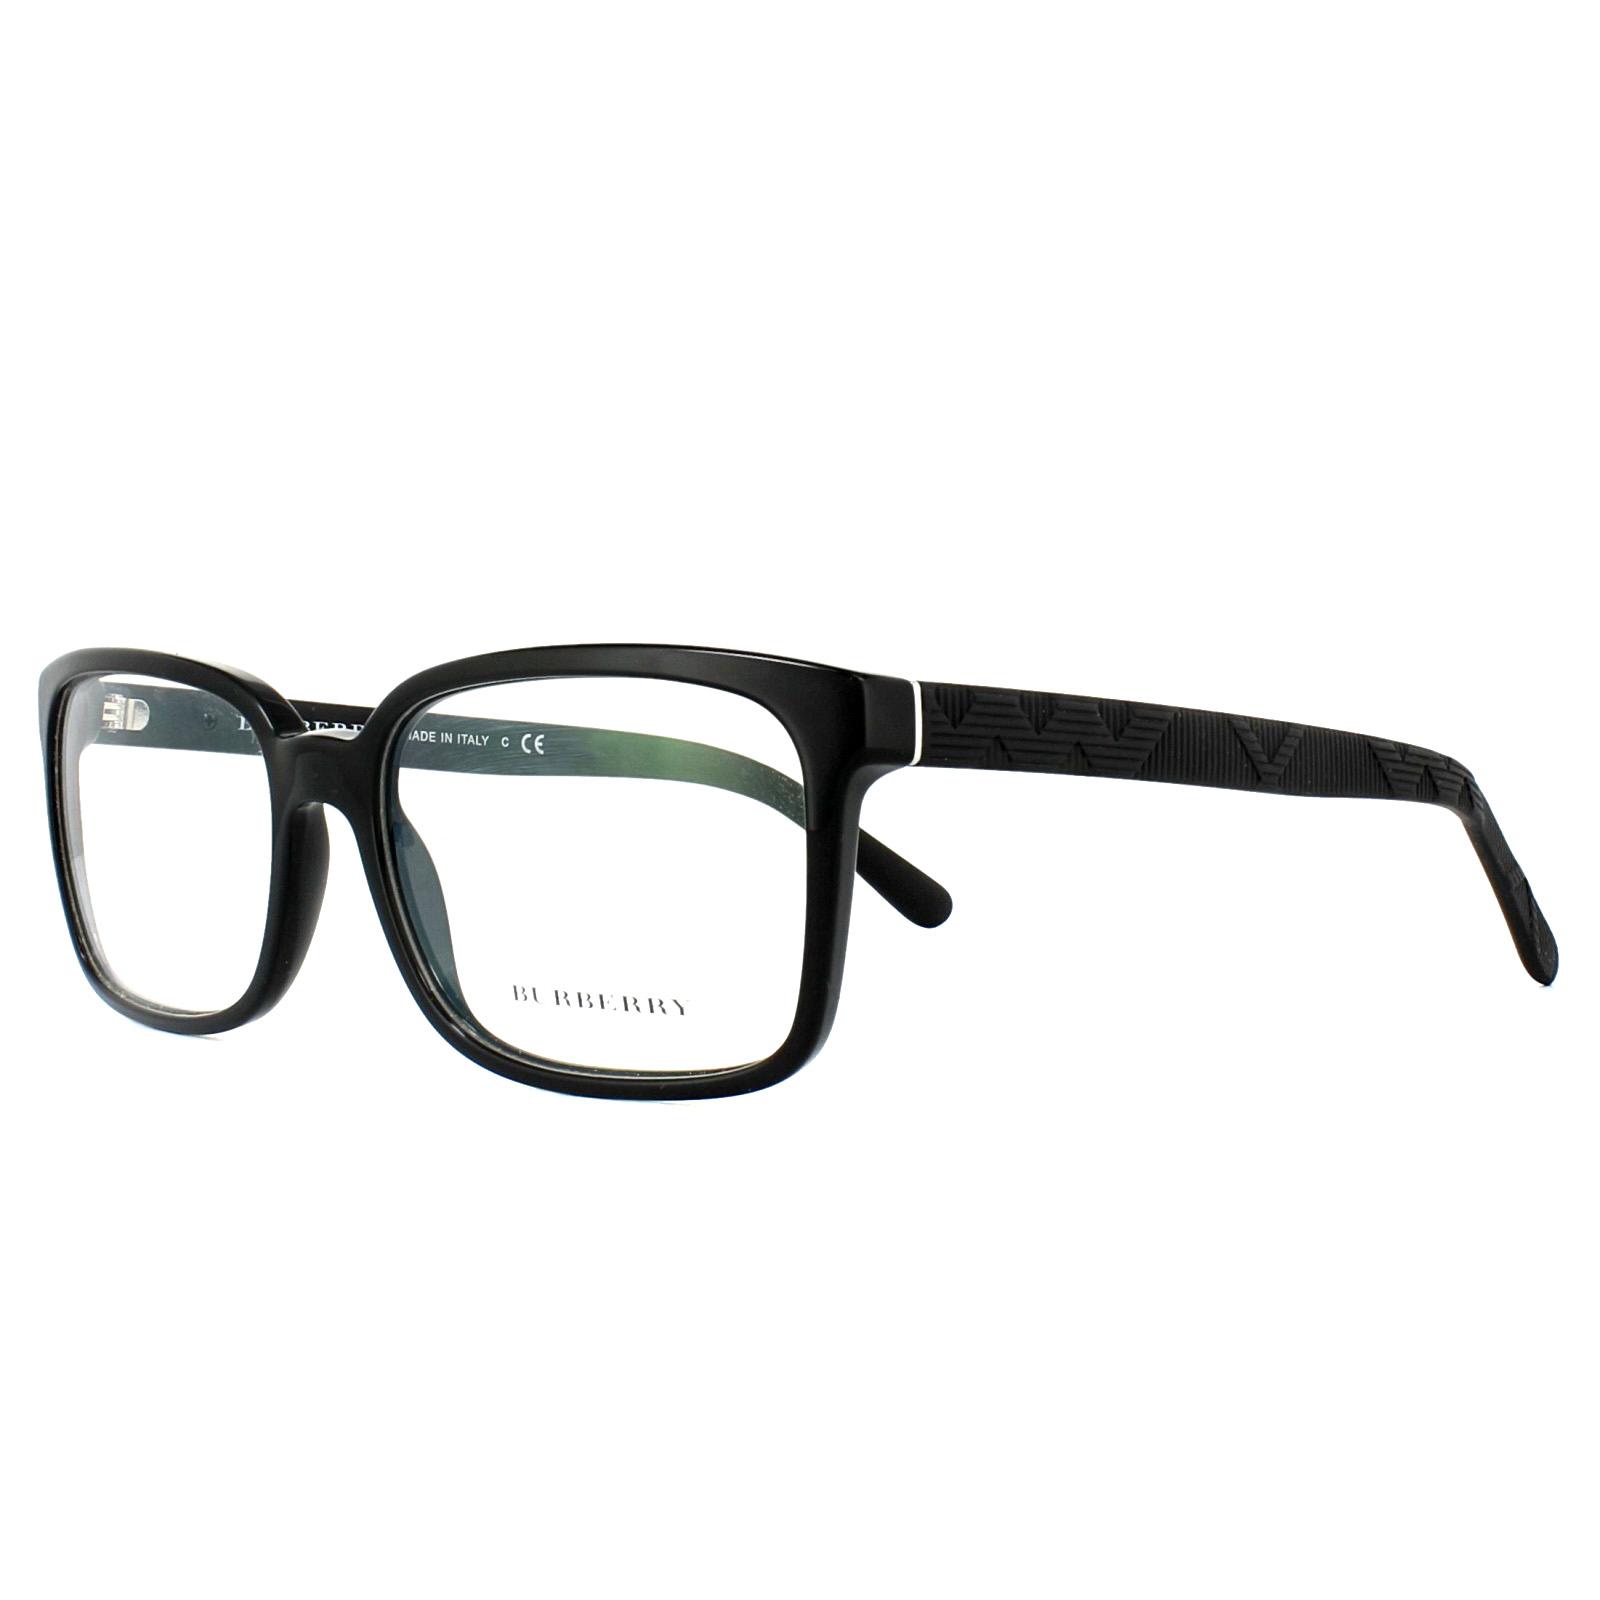 Burberry Glasses Frames BE2175 3001 Black 55mm Mens 8053672302394 | eBay